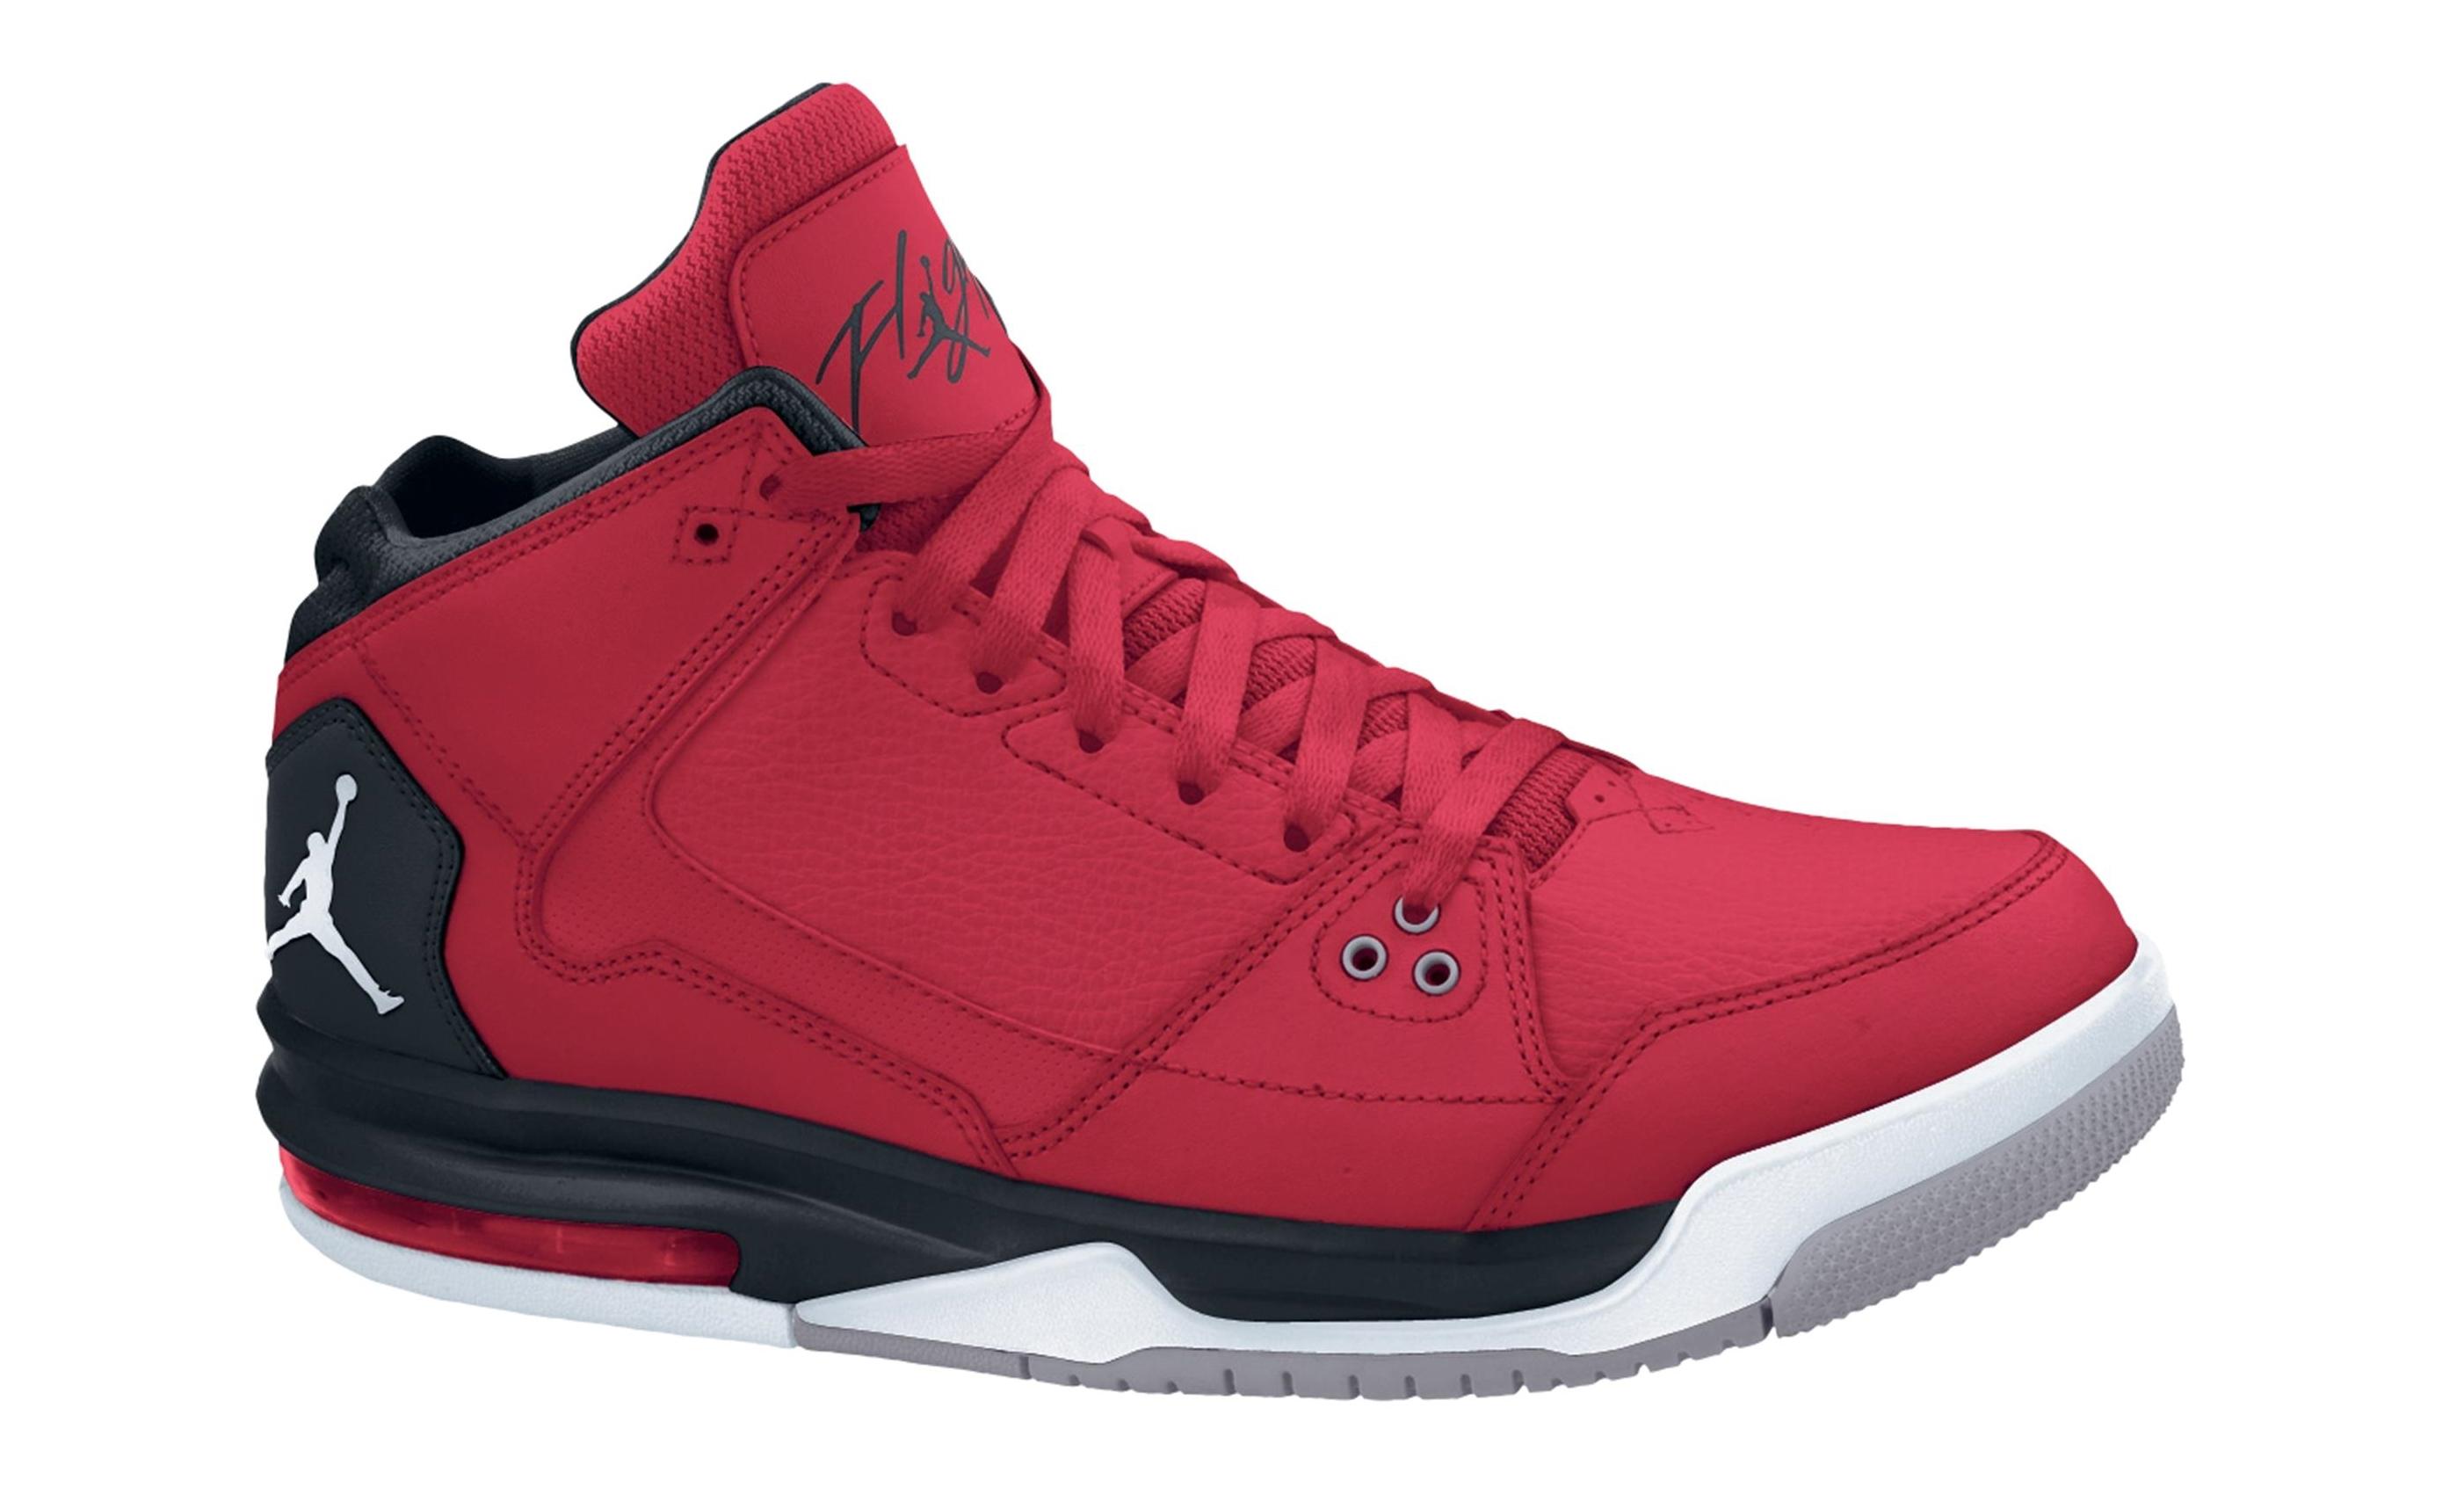 zapatos jordan nuevos 2013